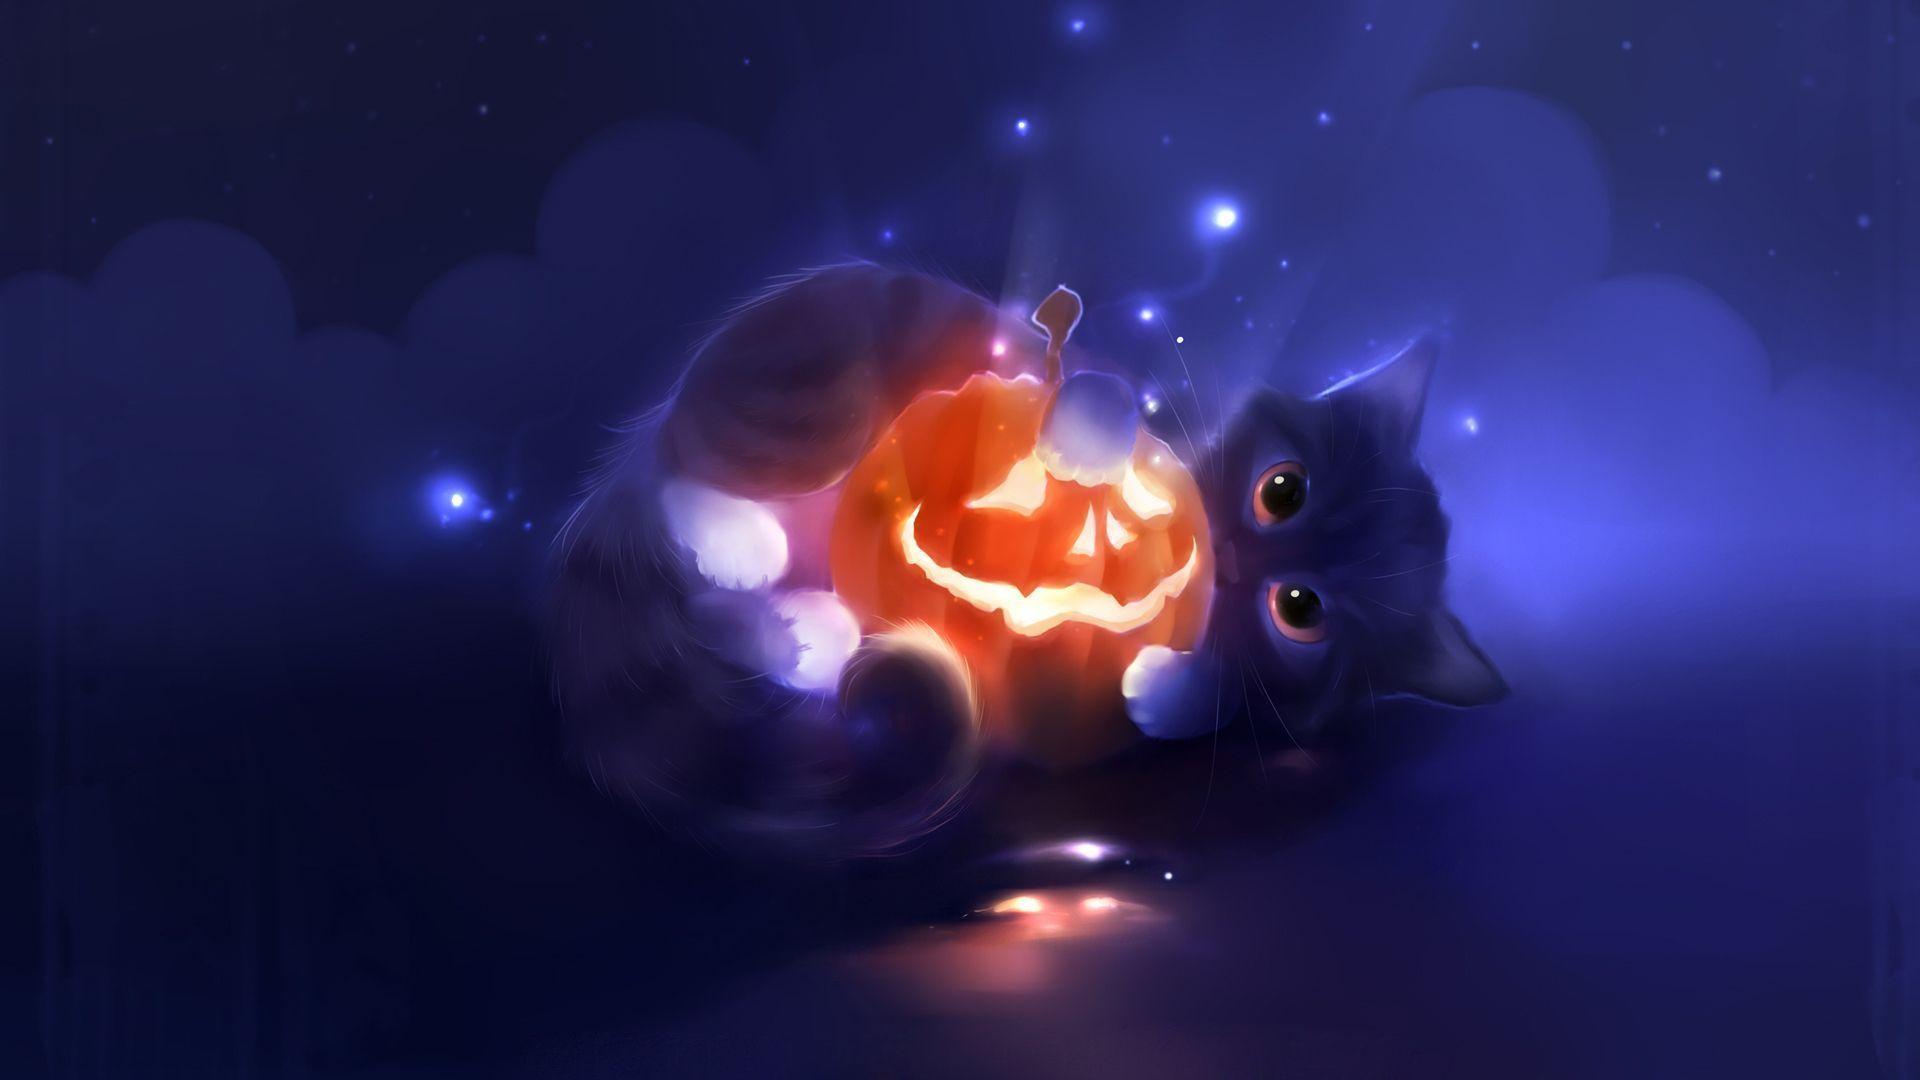 800x600 halloween black cat wallpaper wallpaper halloween black cat. Halloween Cat Wallpapers Top Free Halloween Cat Backgrounds Wallpaperaccess